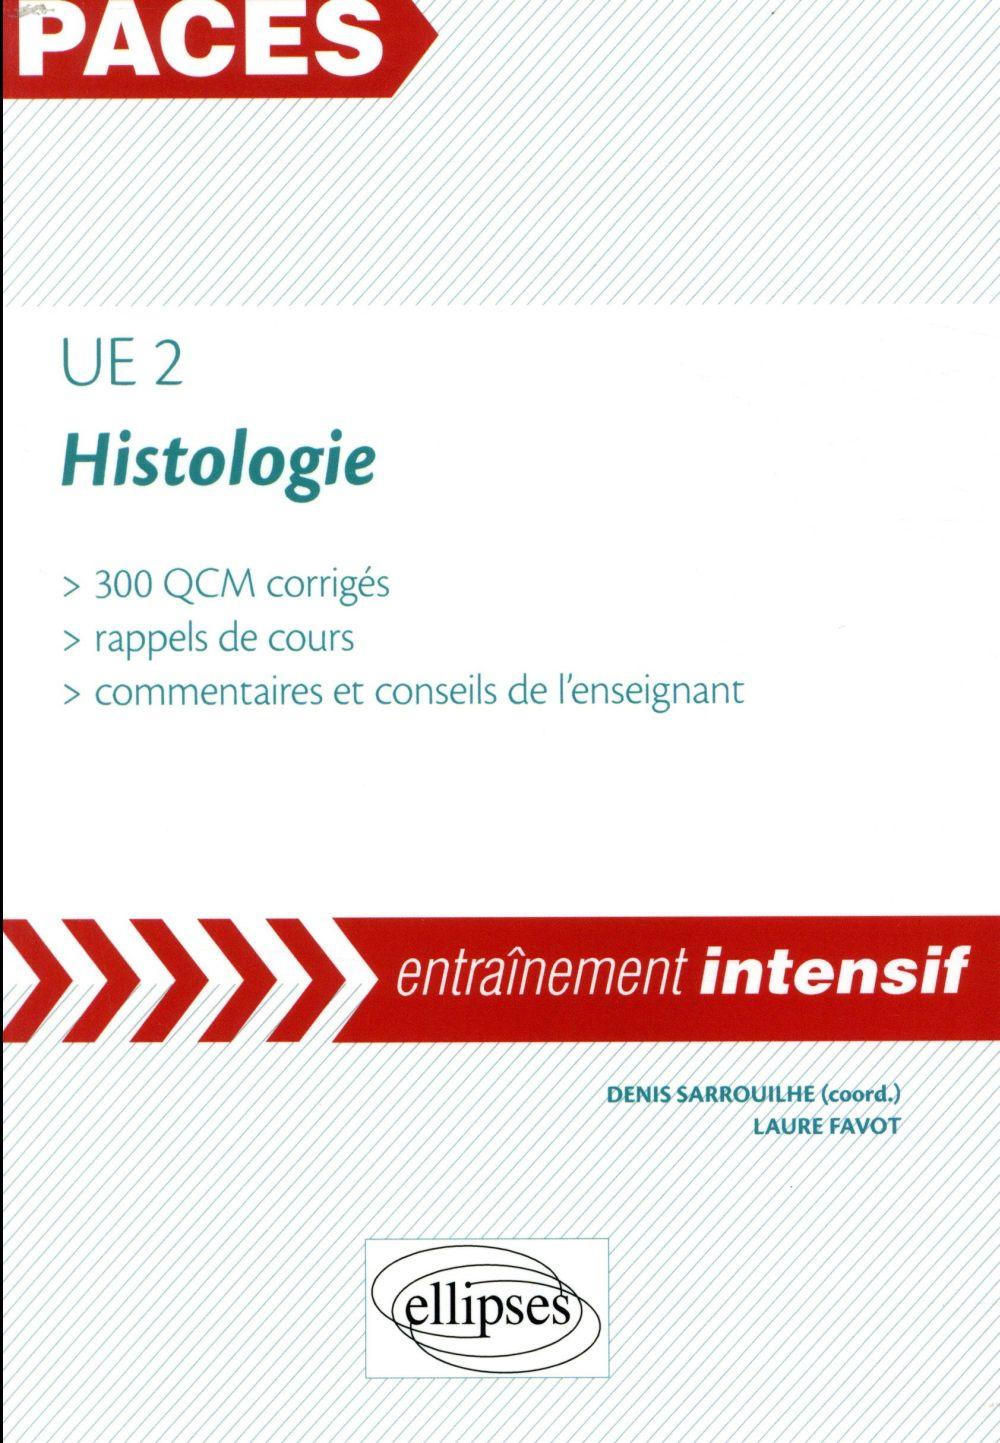 PACES ; histologie ; UE2 ; entraînement intensif (édition 2018)